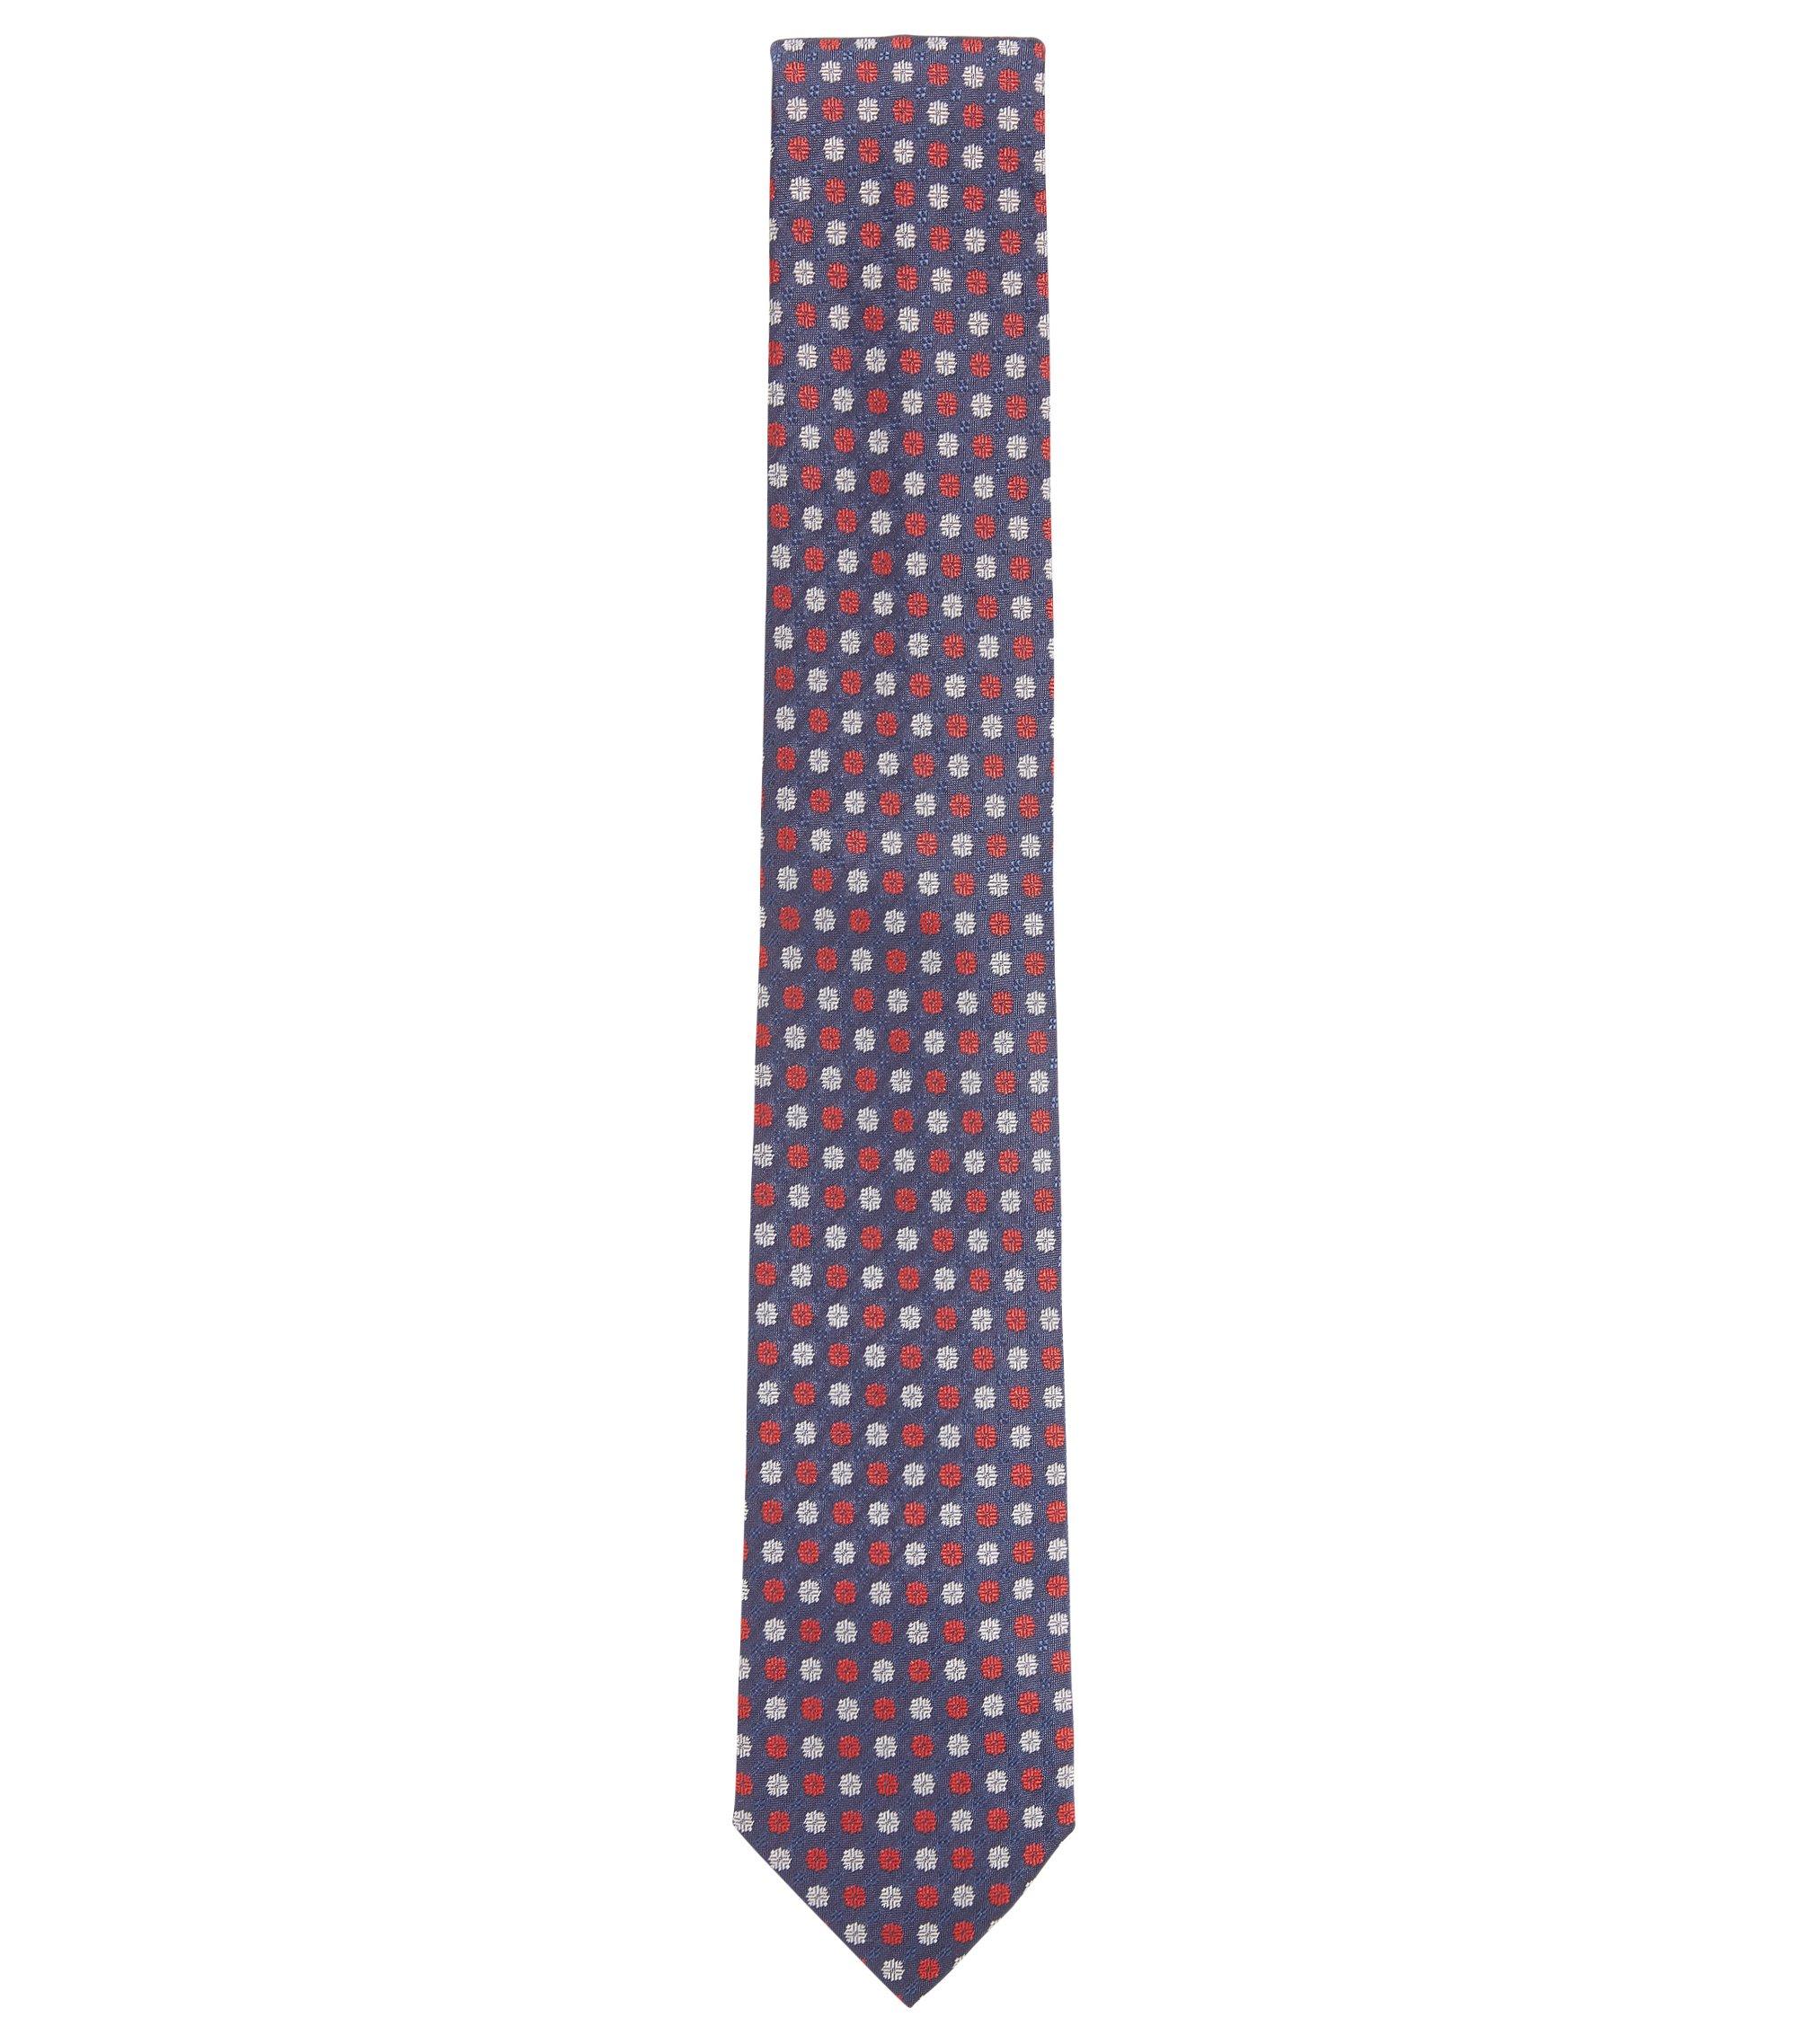 Cravate jacquard en soie à micro-motif , Bleu foncé